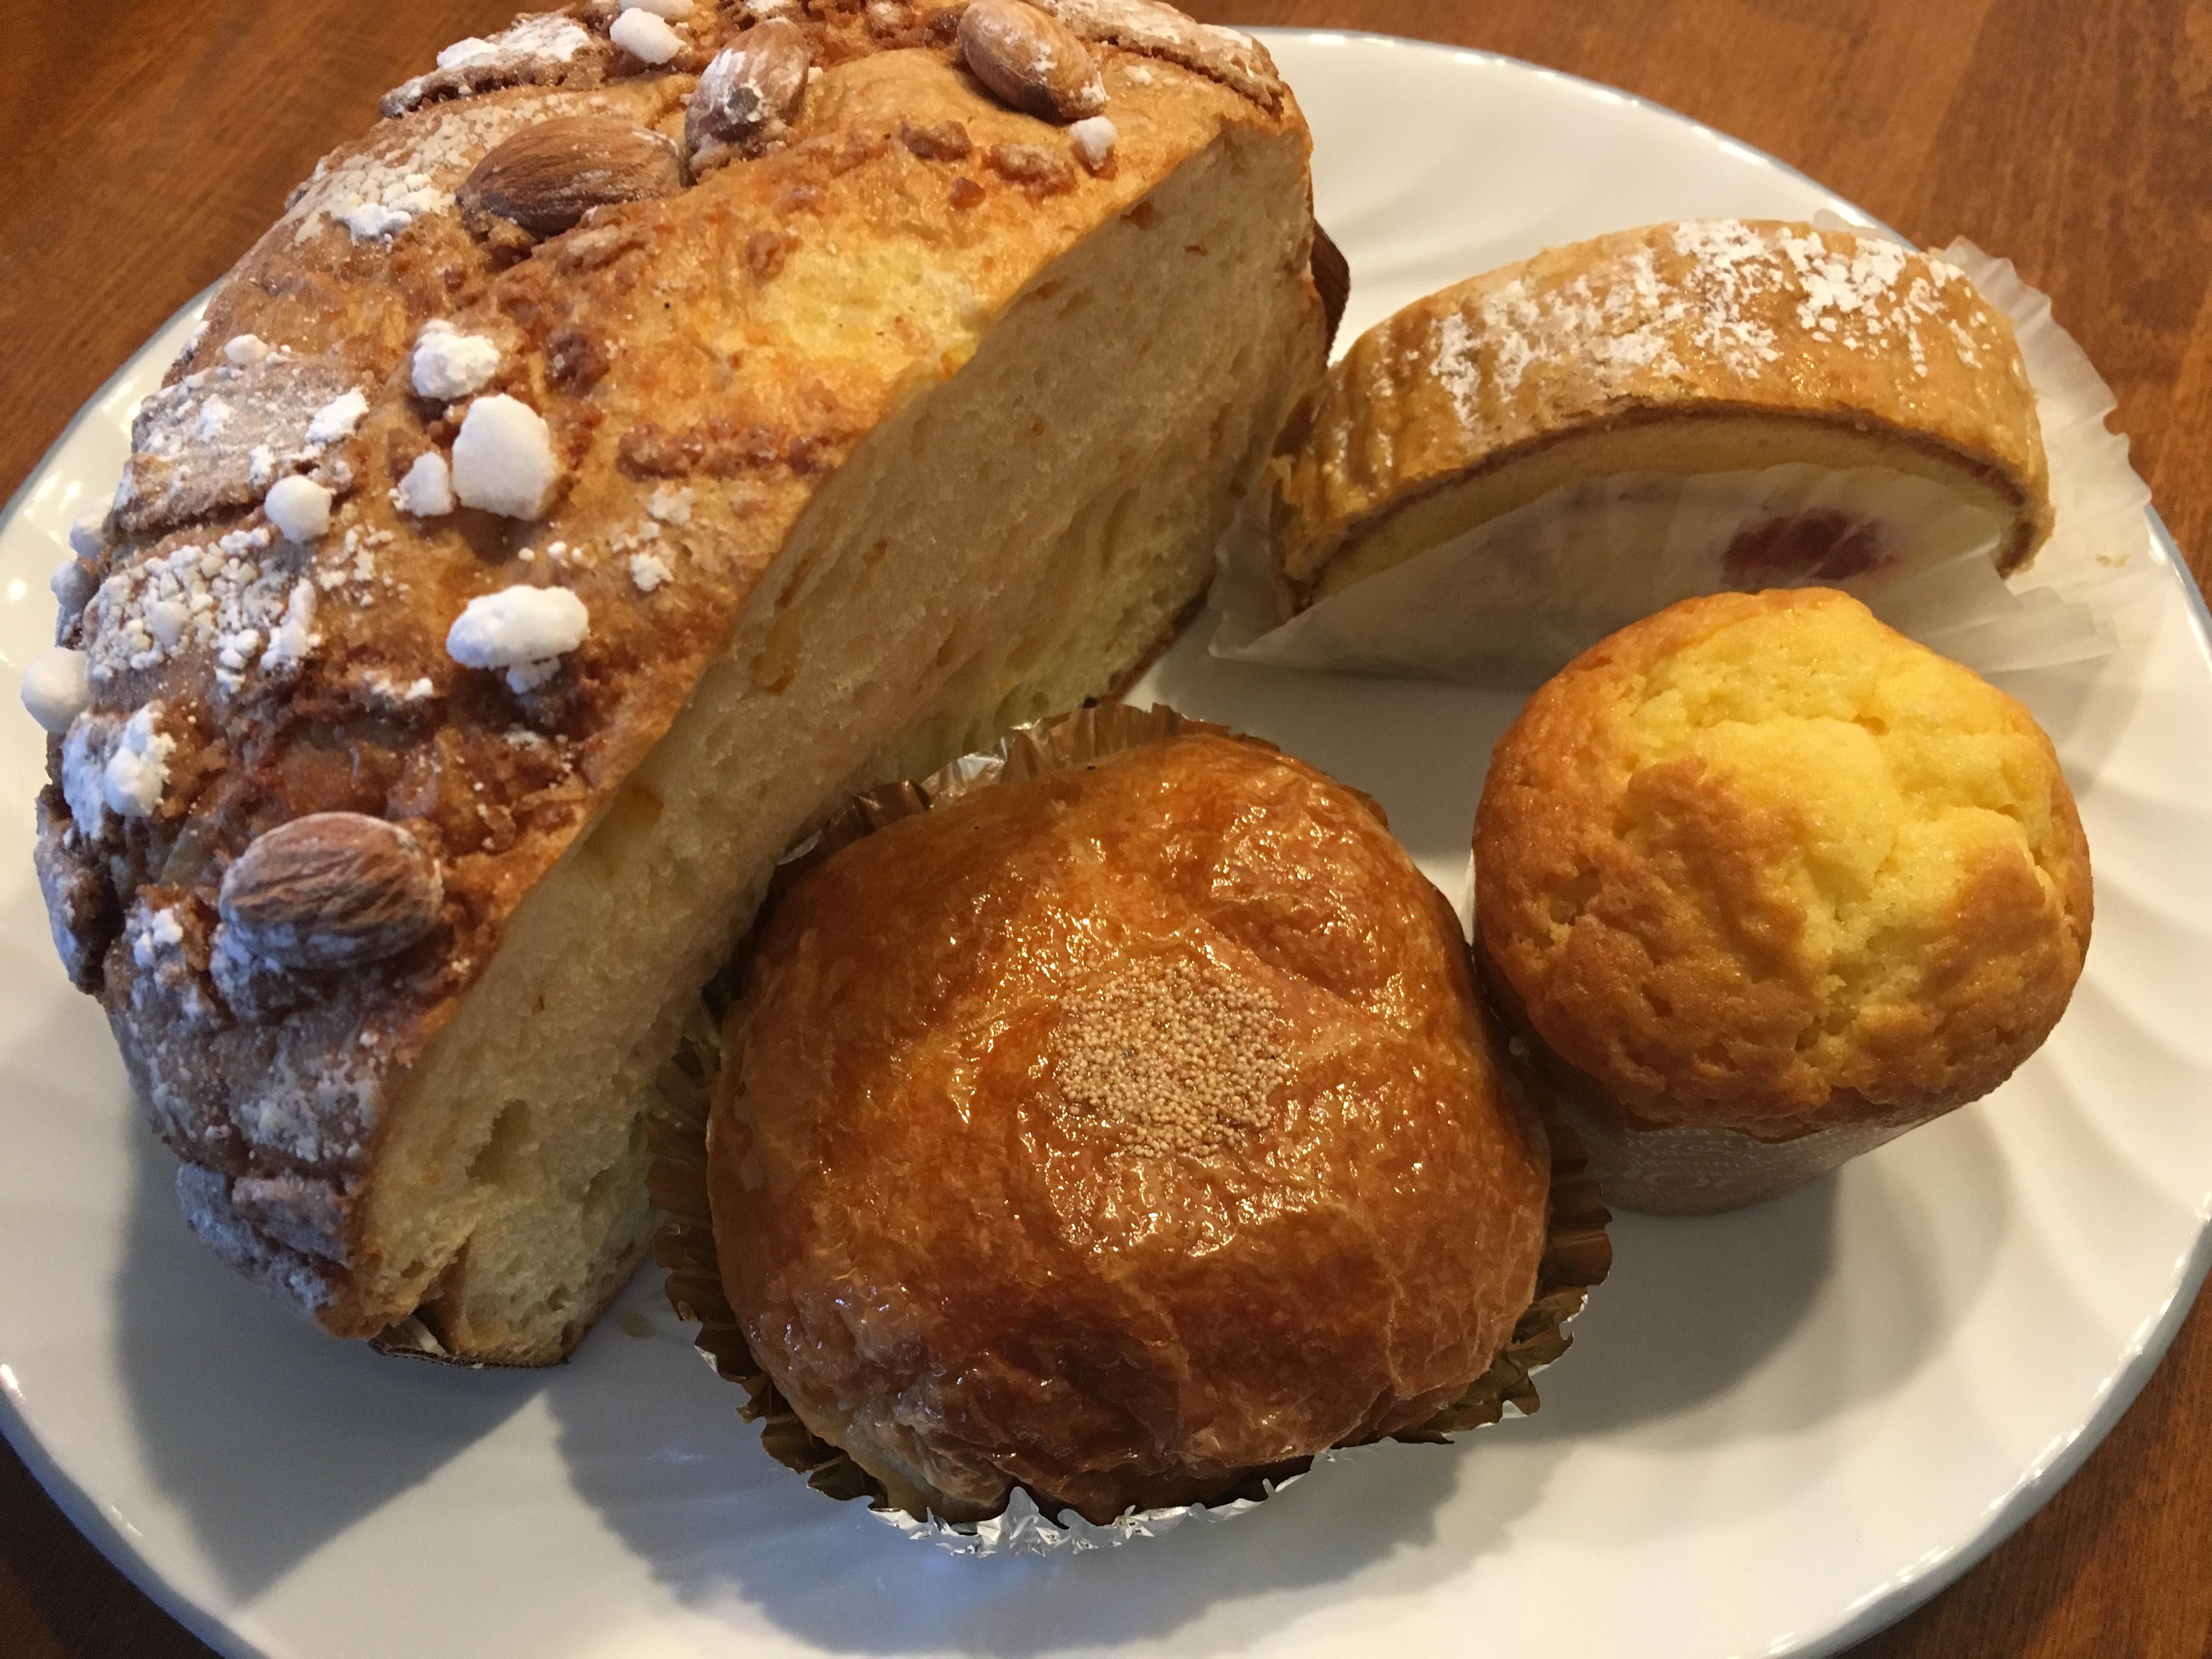 【大阪 玉出木村家】人気のパンを食べてみた感想と味や値段について